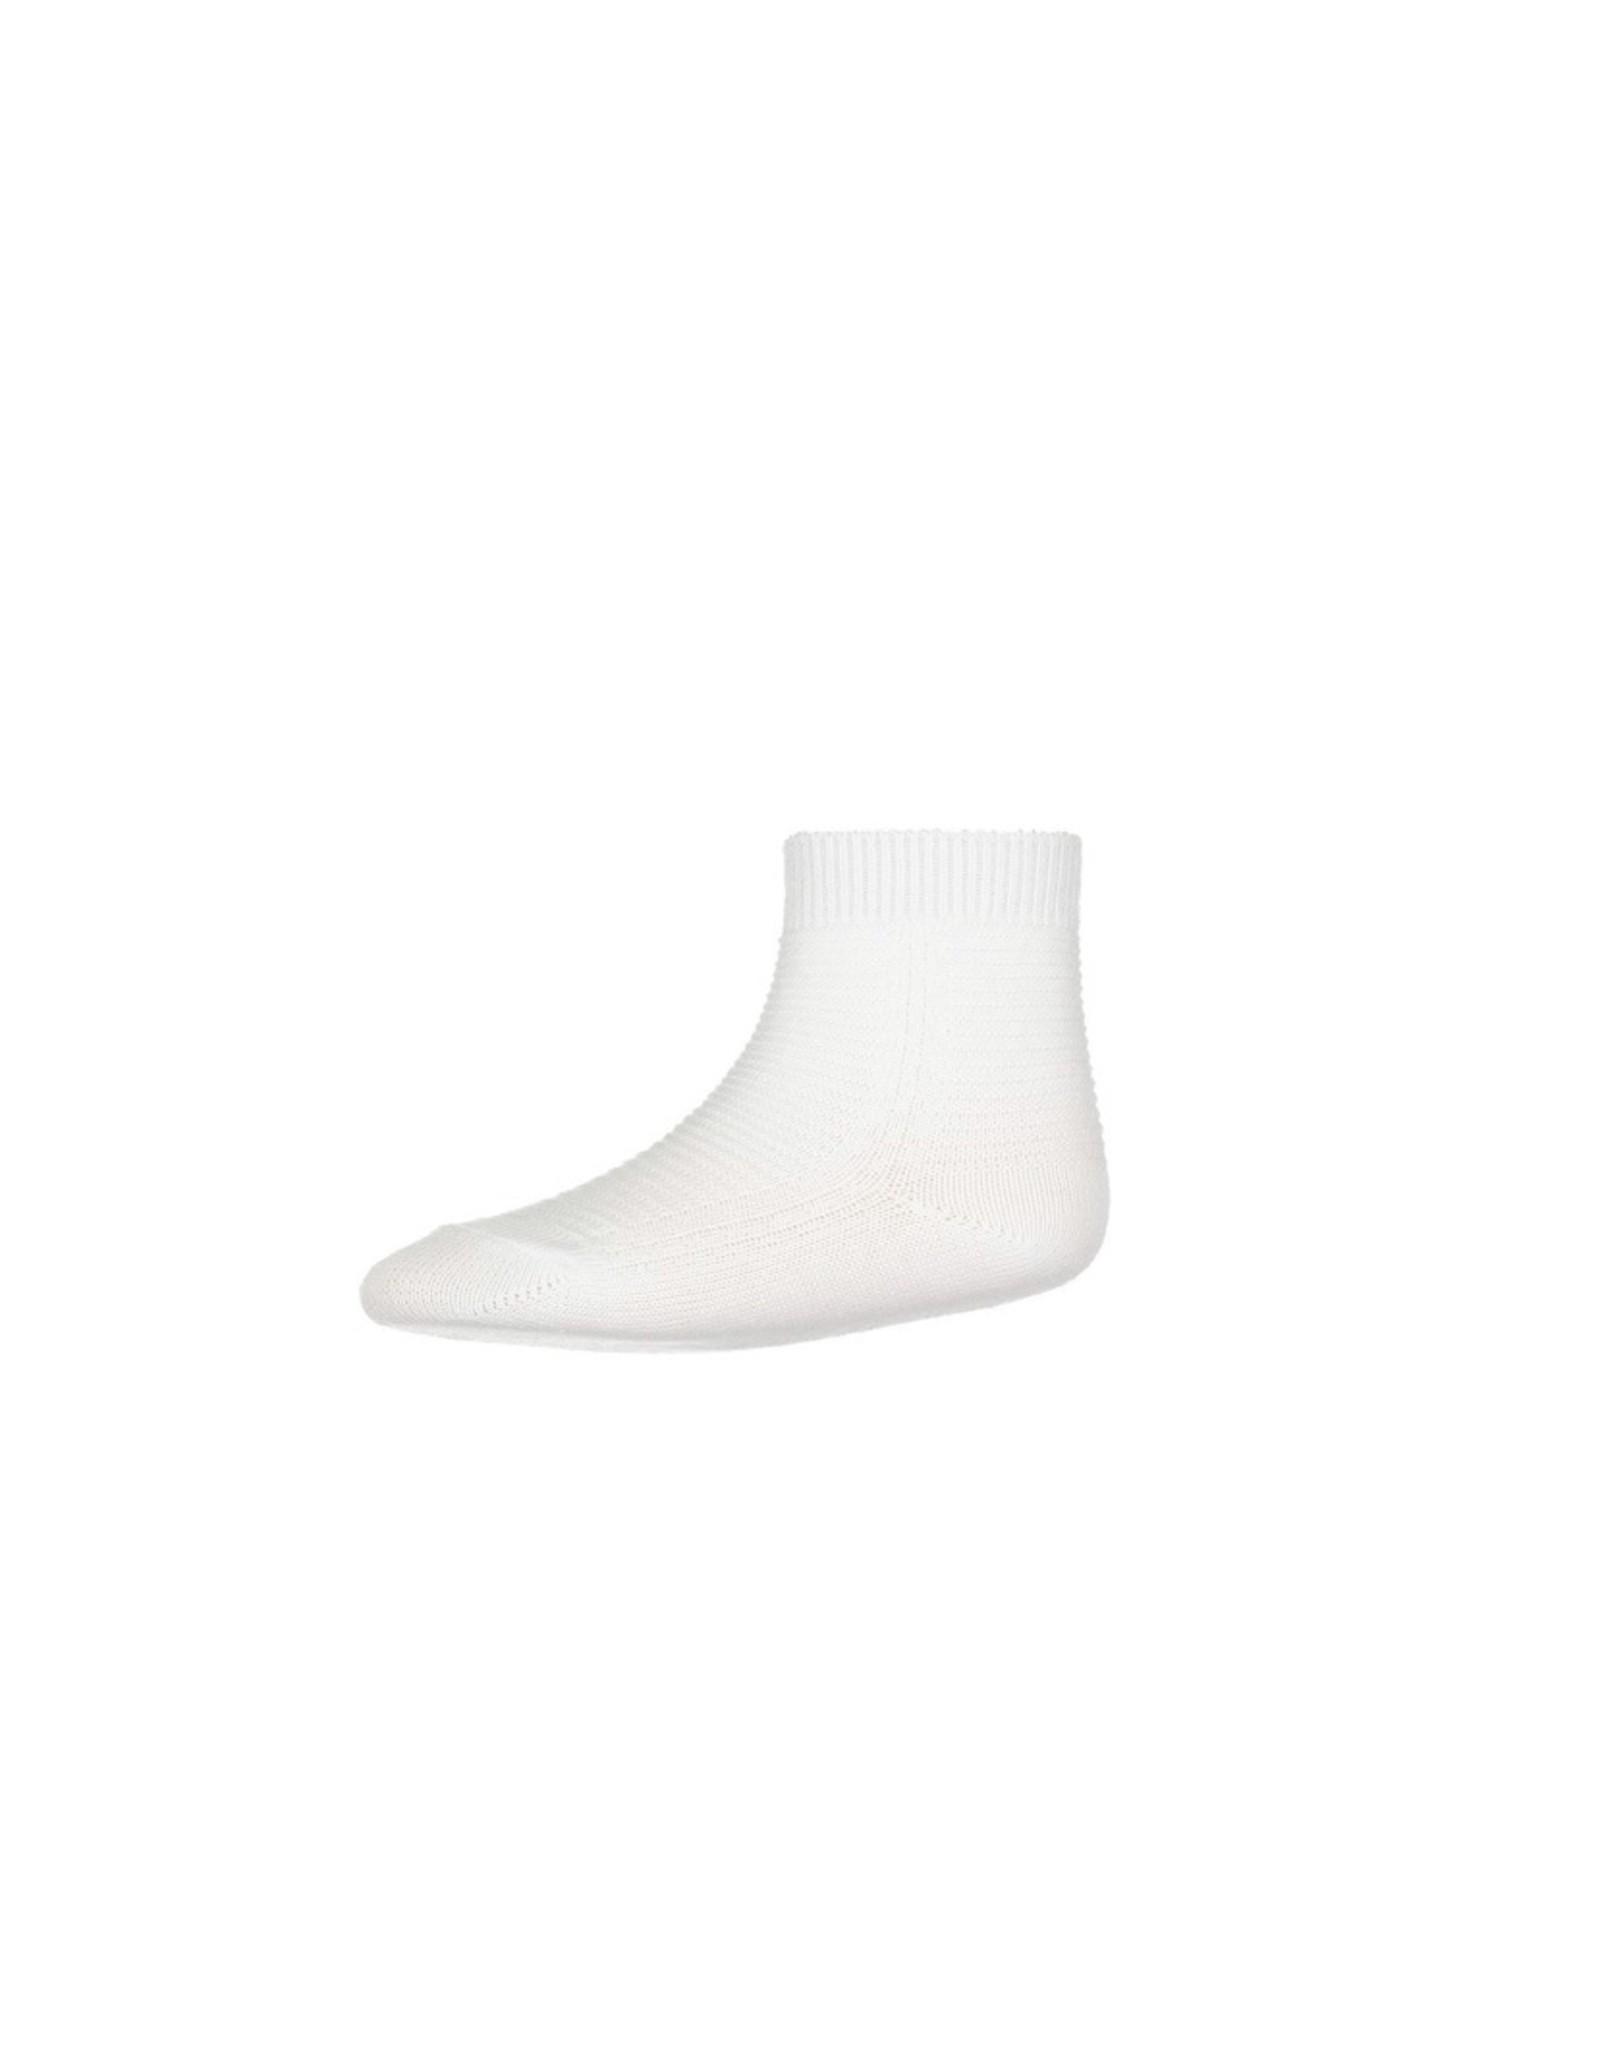 JRP JRP Ridges Infant Socks